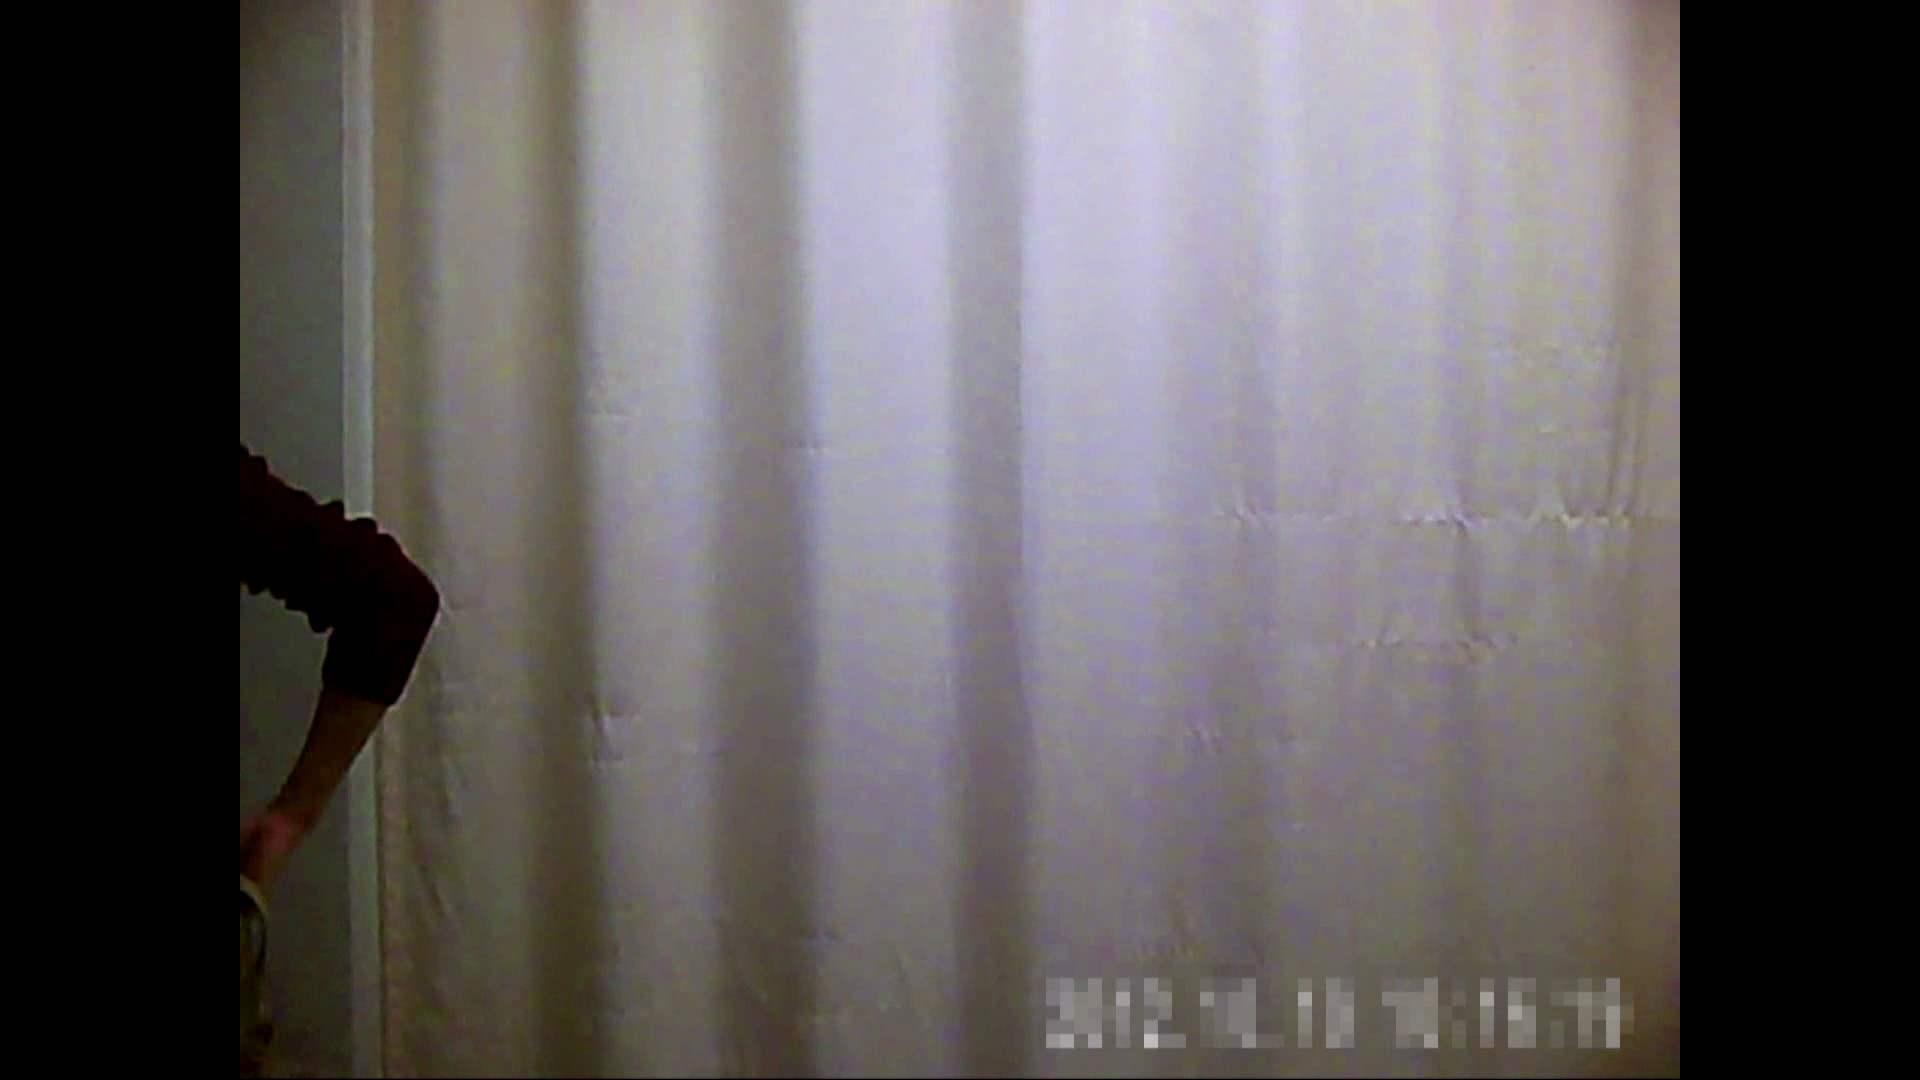 病院おもいっきり着替え! vol.232 乳首 盗み撮りAV無料動画キャプチャ 113PICs 75